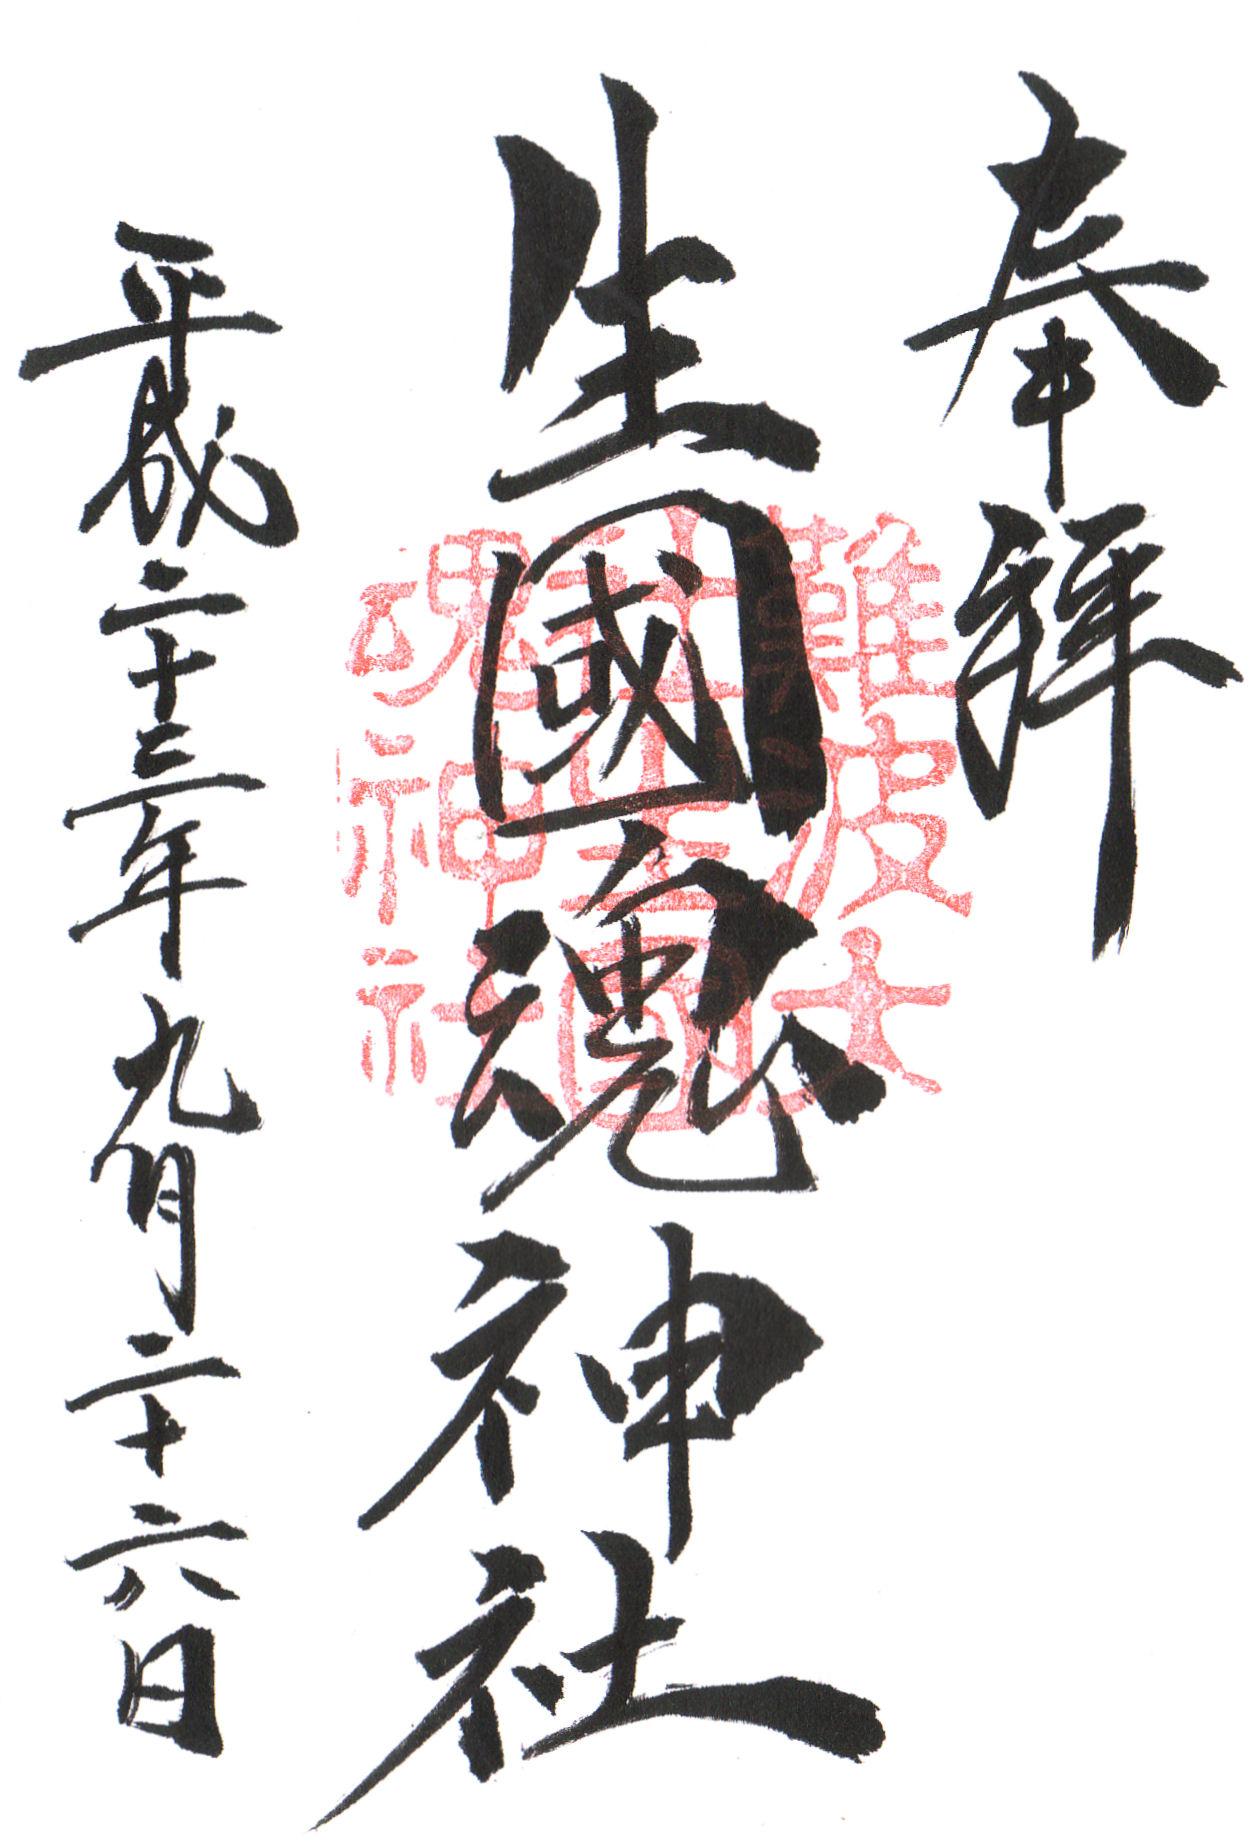 平成23年9月26日に生國魂神社で頂いた御朱印だニャン